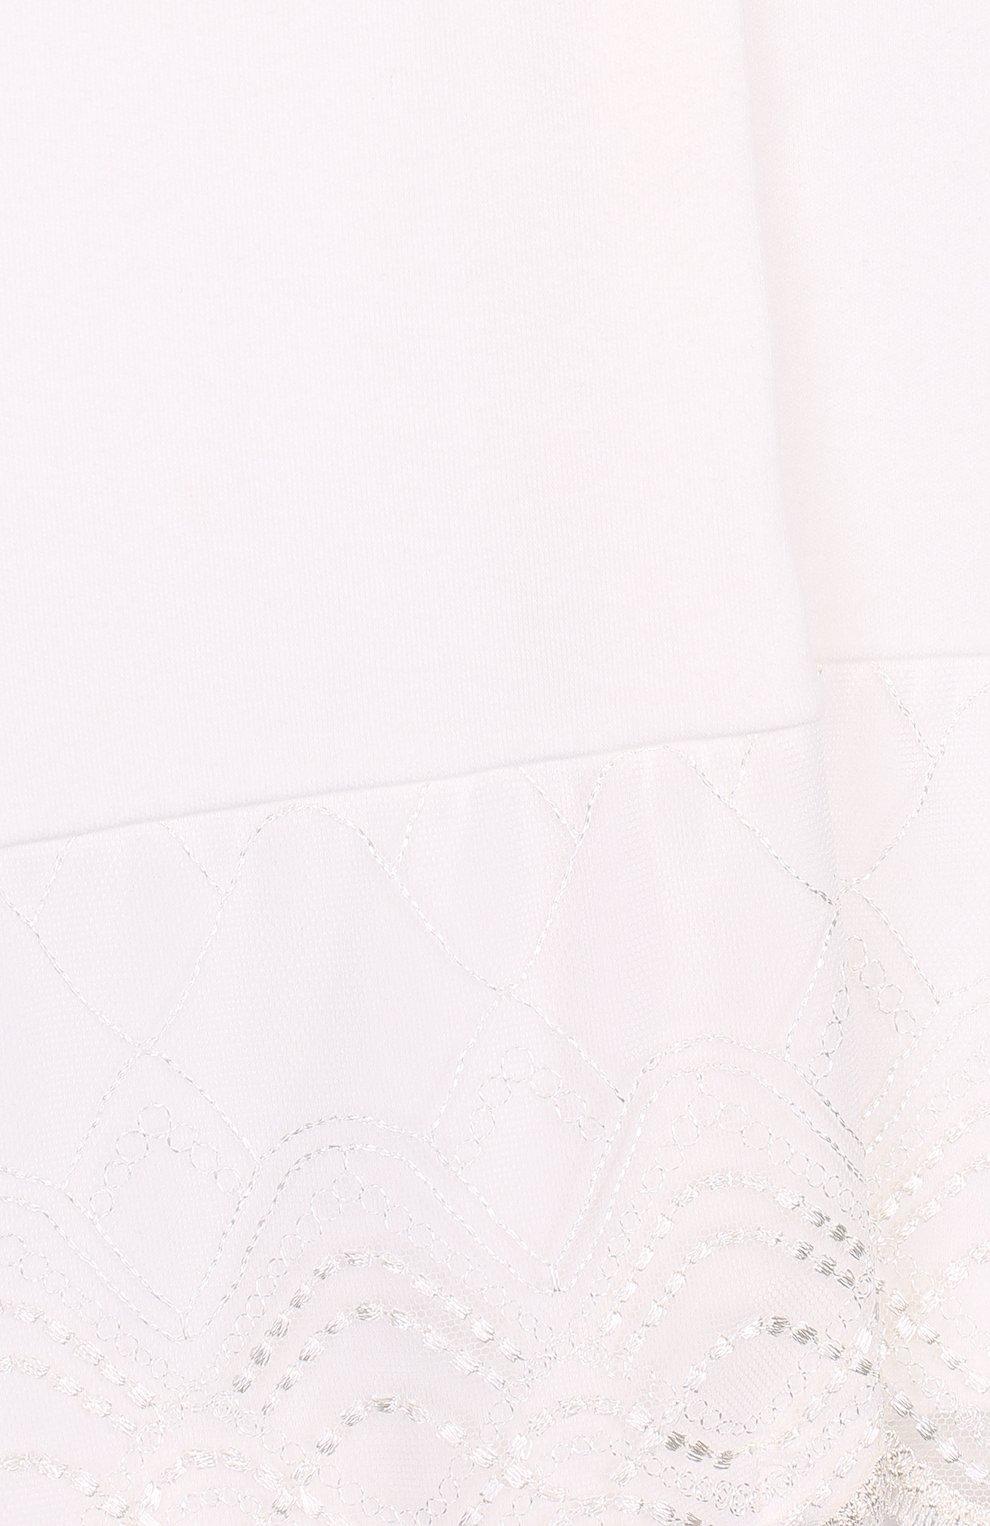 Детский хлопковый халат с кружевной отделкой LA PERLA бежевого цвета, арт. 54860/2A-6A   Фото 3